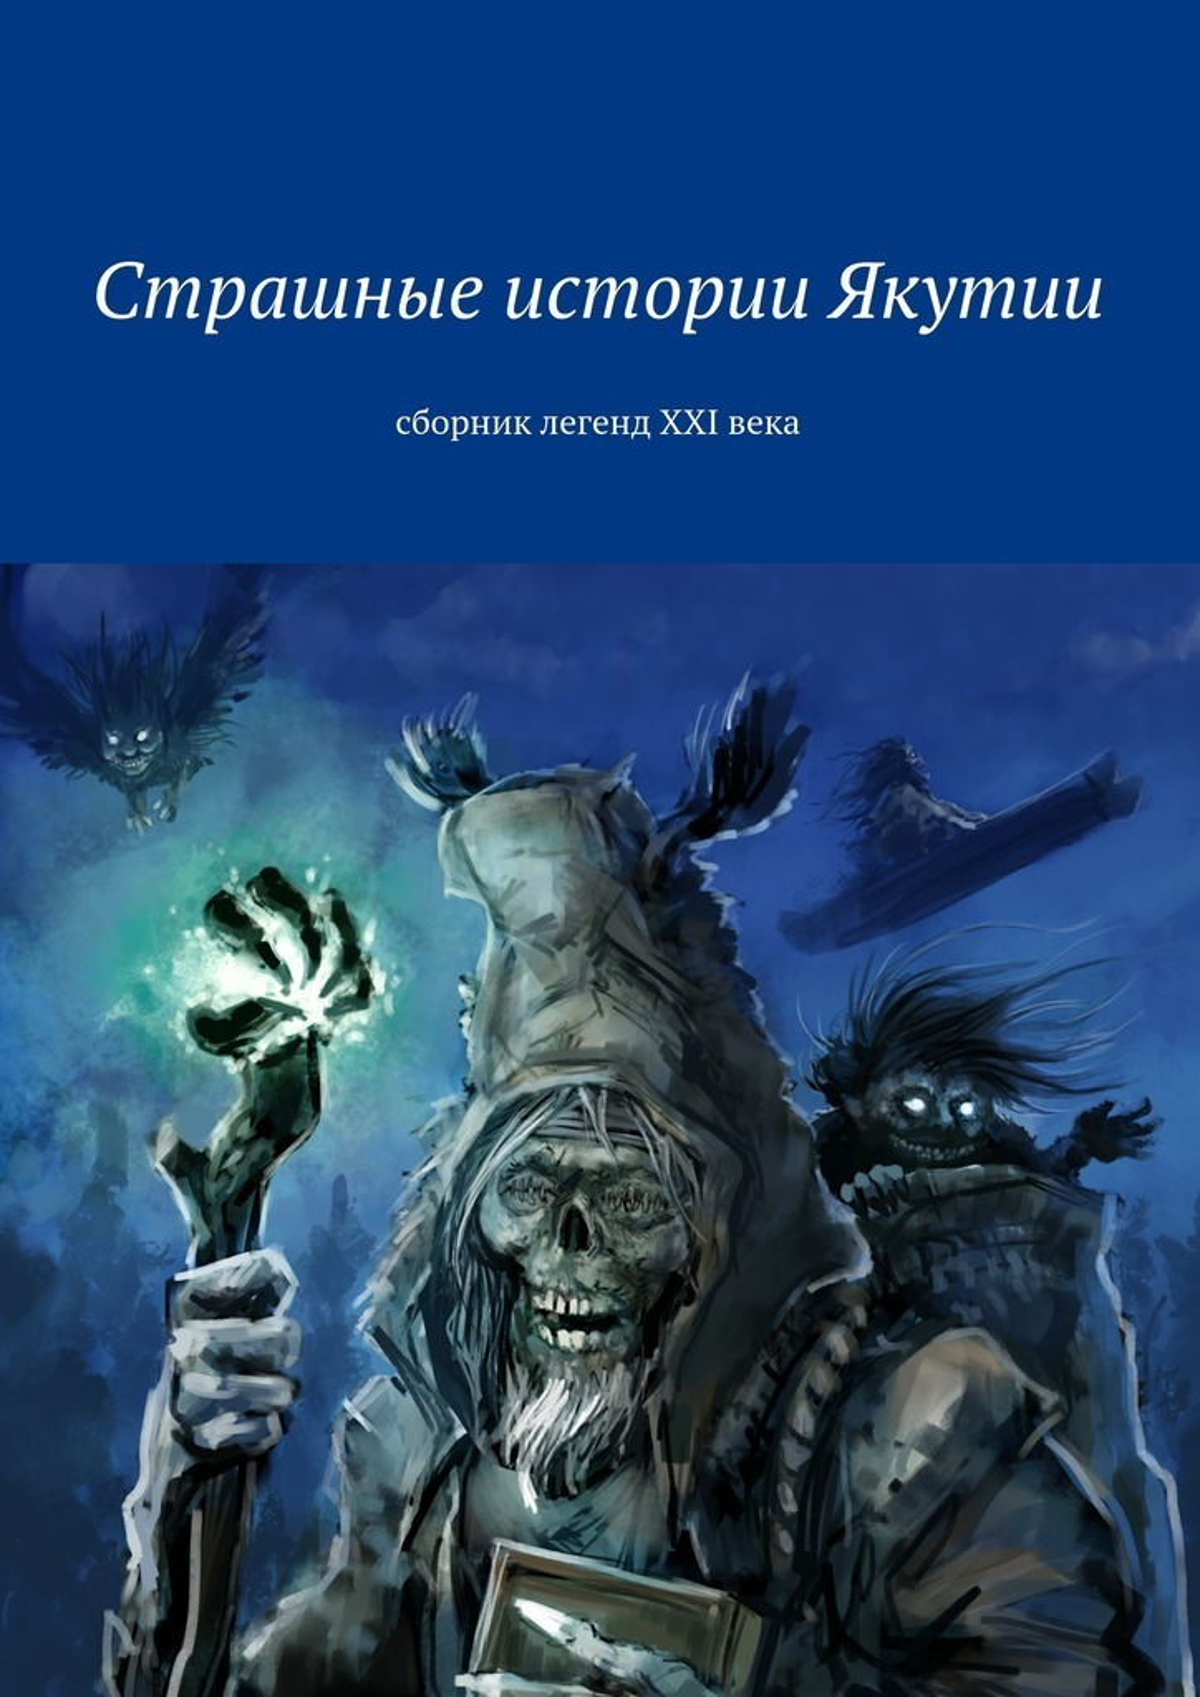 Страшные истории Якутии. Сборник легенд XXIвека